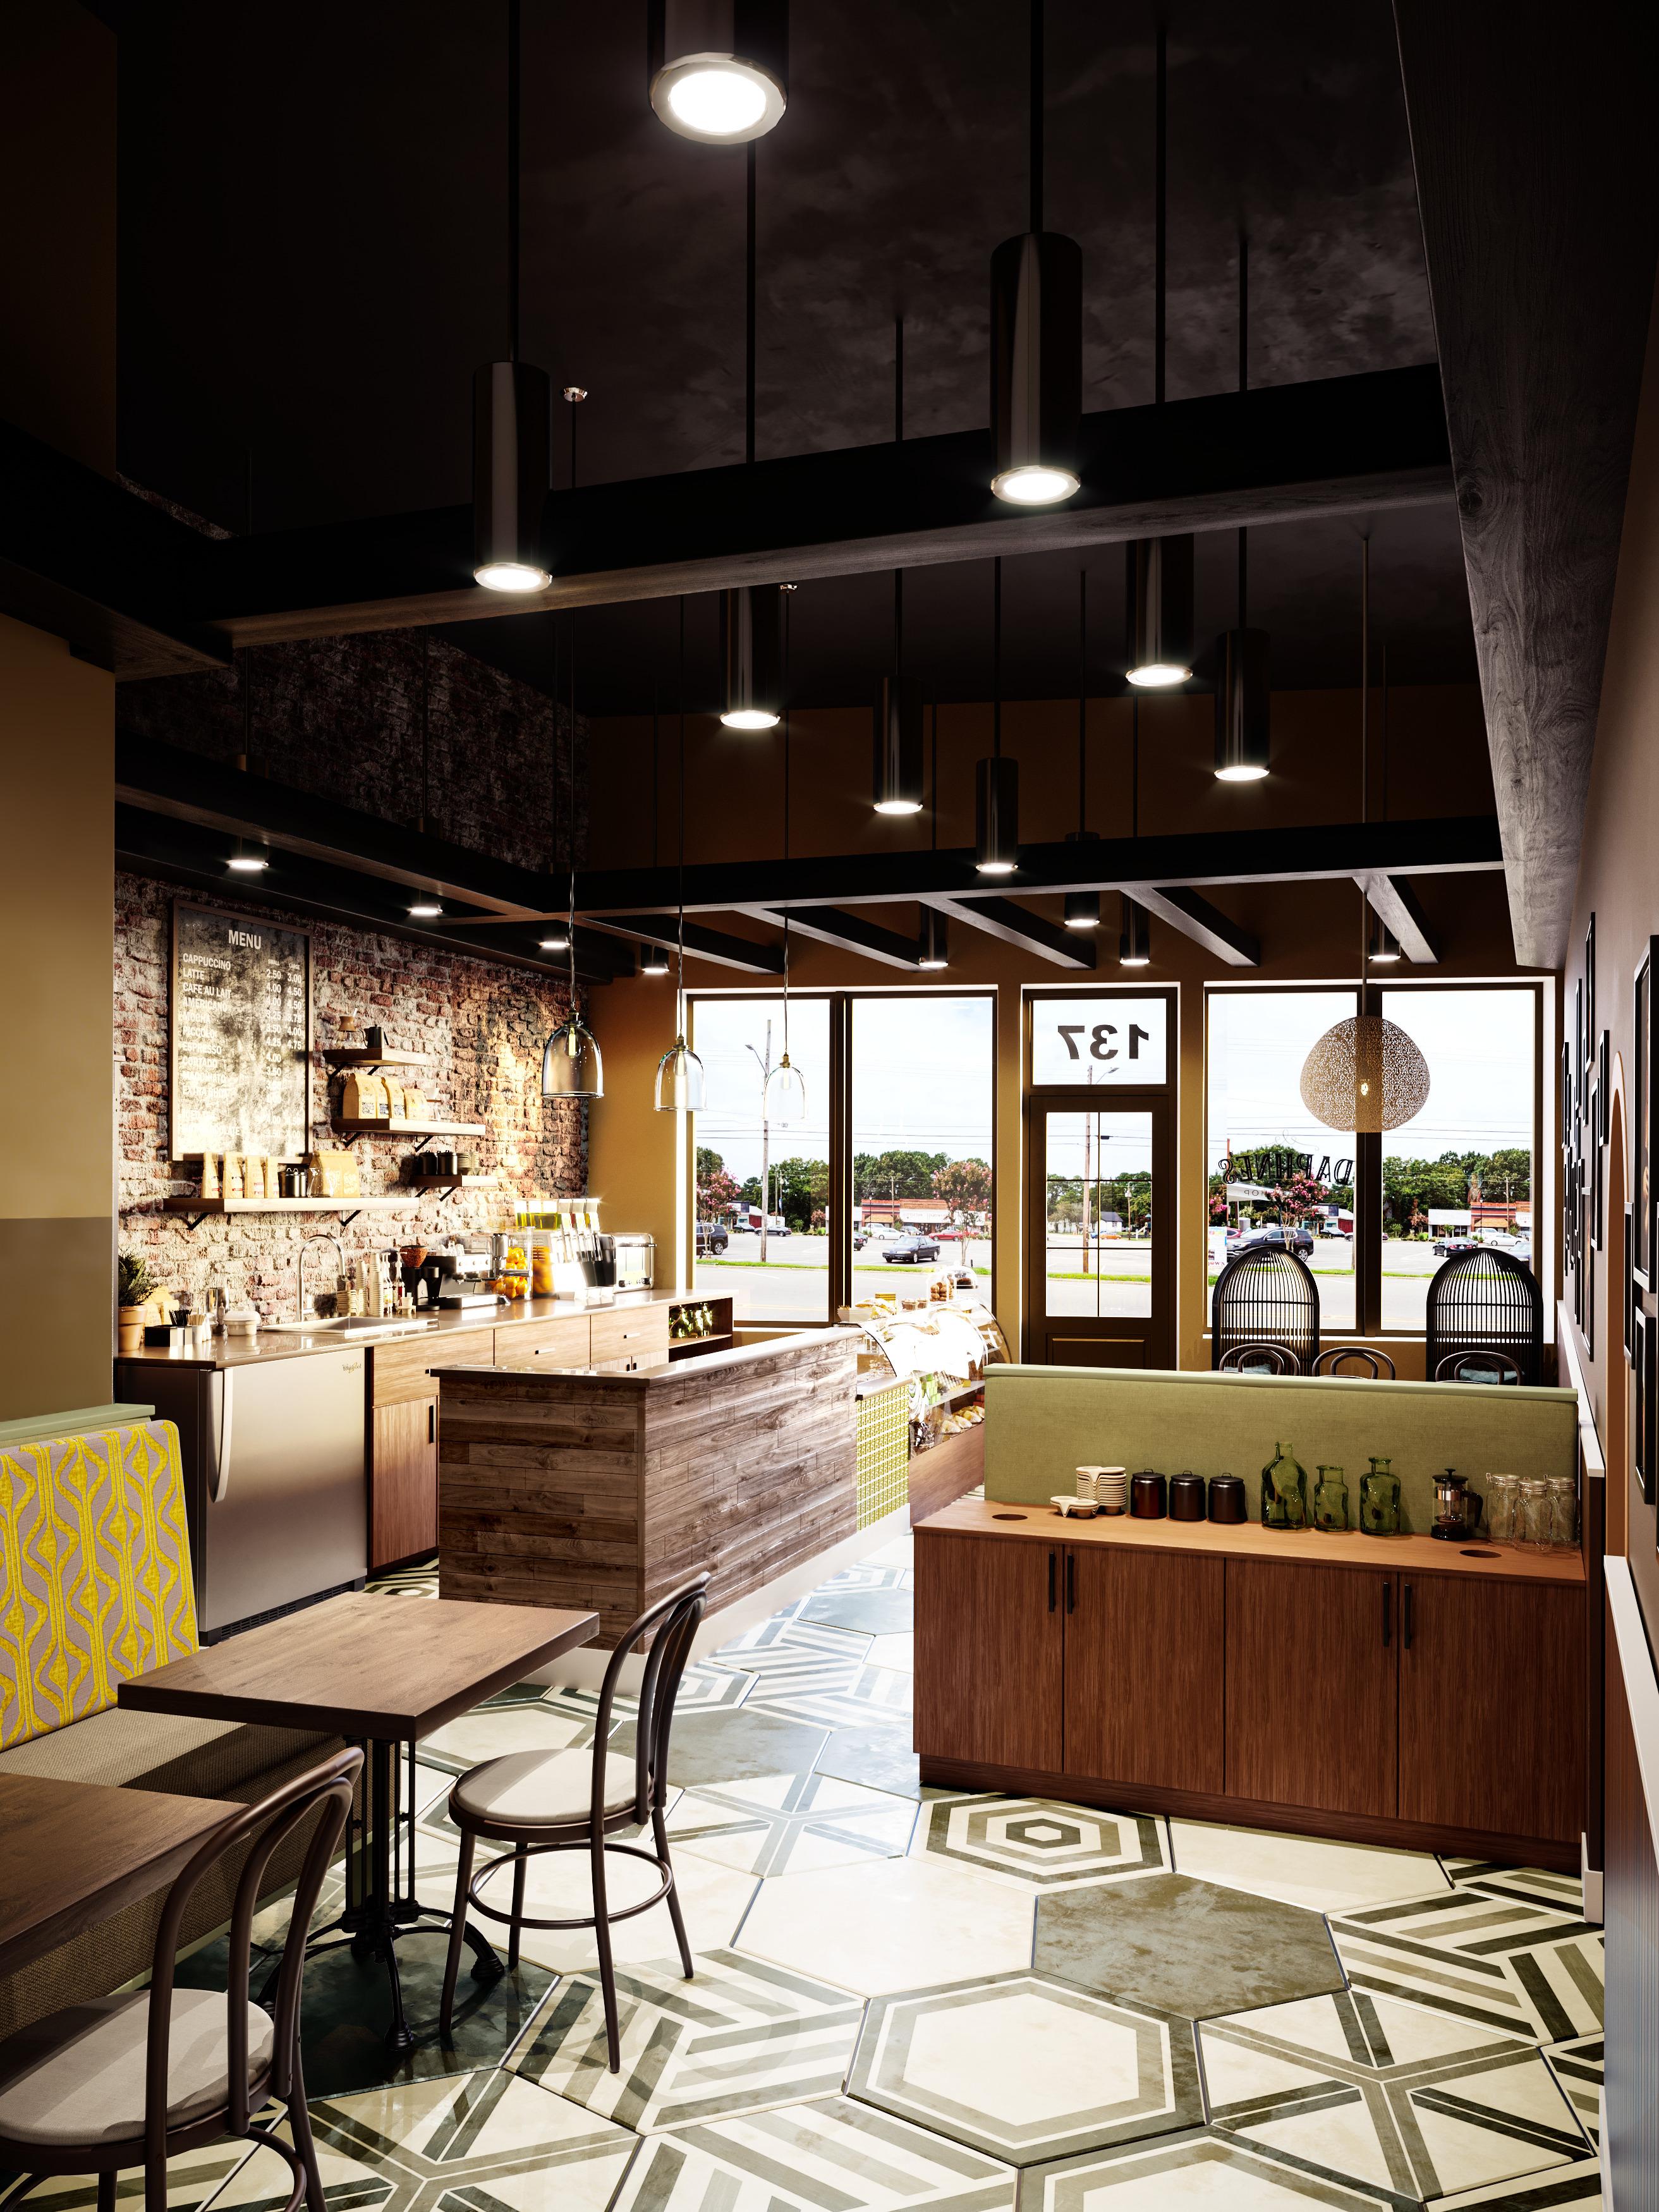 Blue Jay Bistro coffee shop interior image